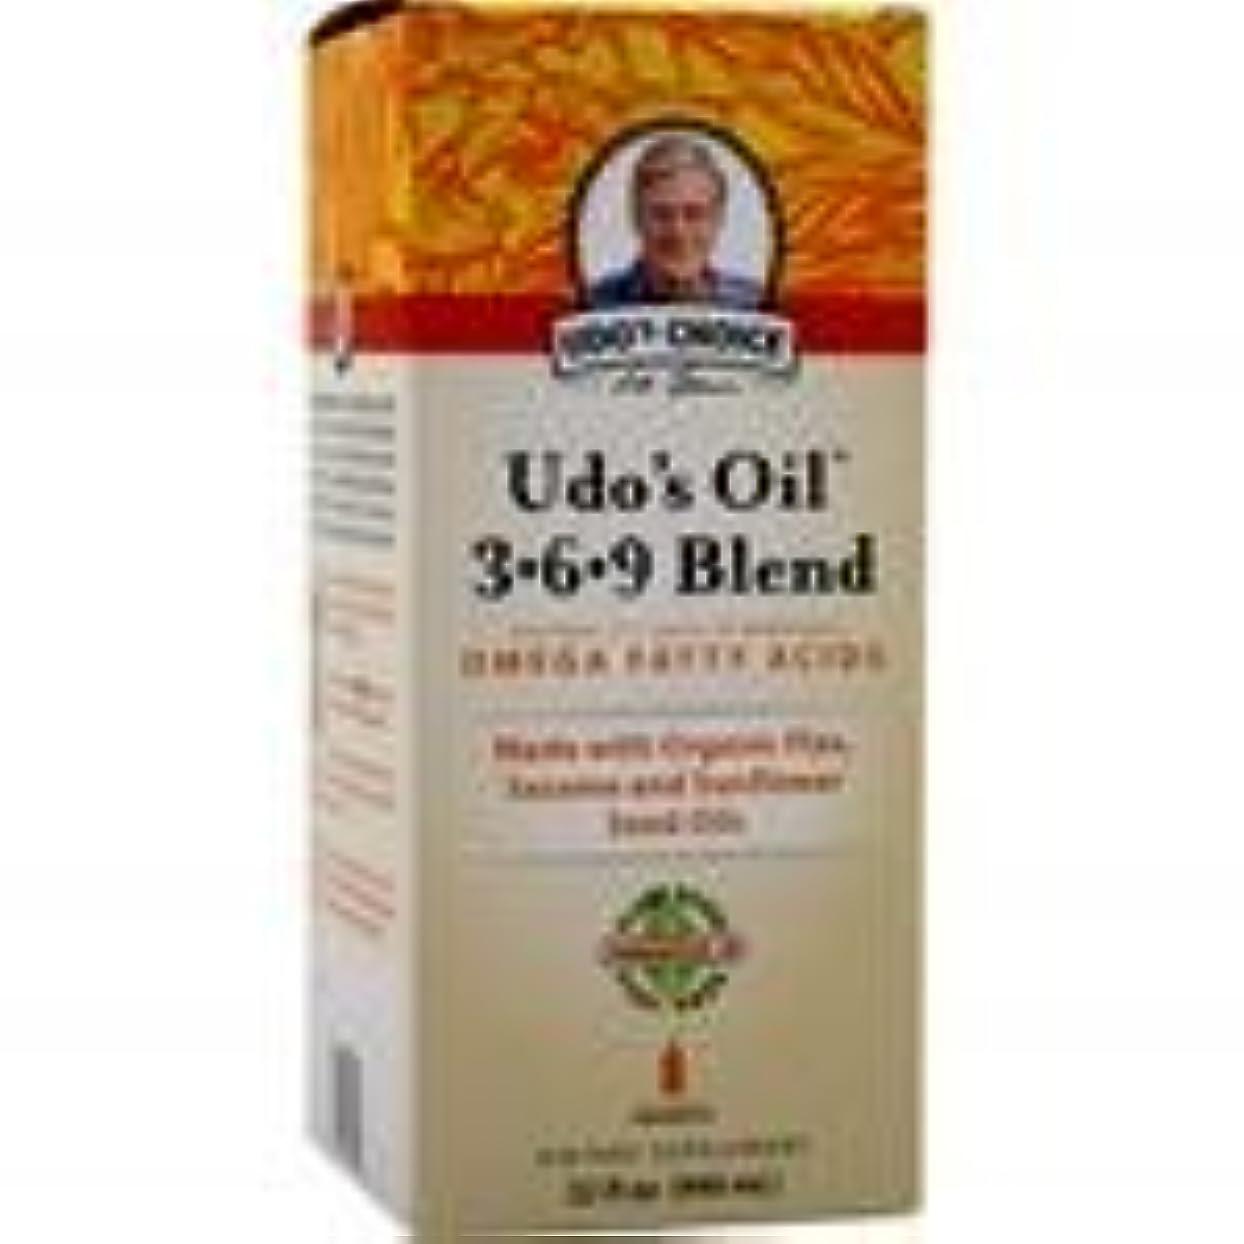 連続した王室くつろぎUdo's Oil 3-6-9 Blend Liquid 32 fl.oz 4個パック